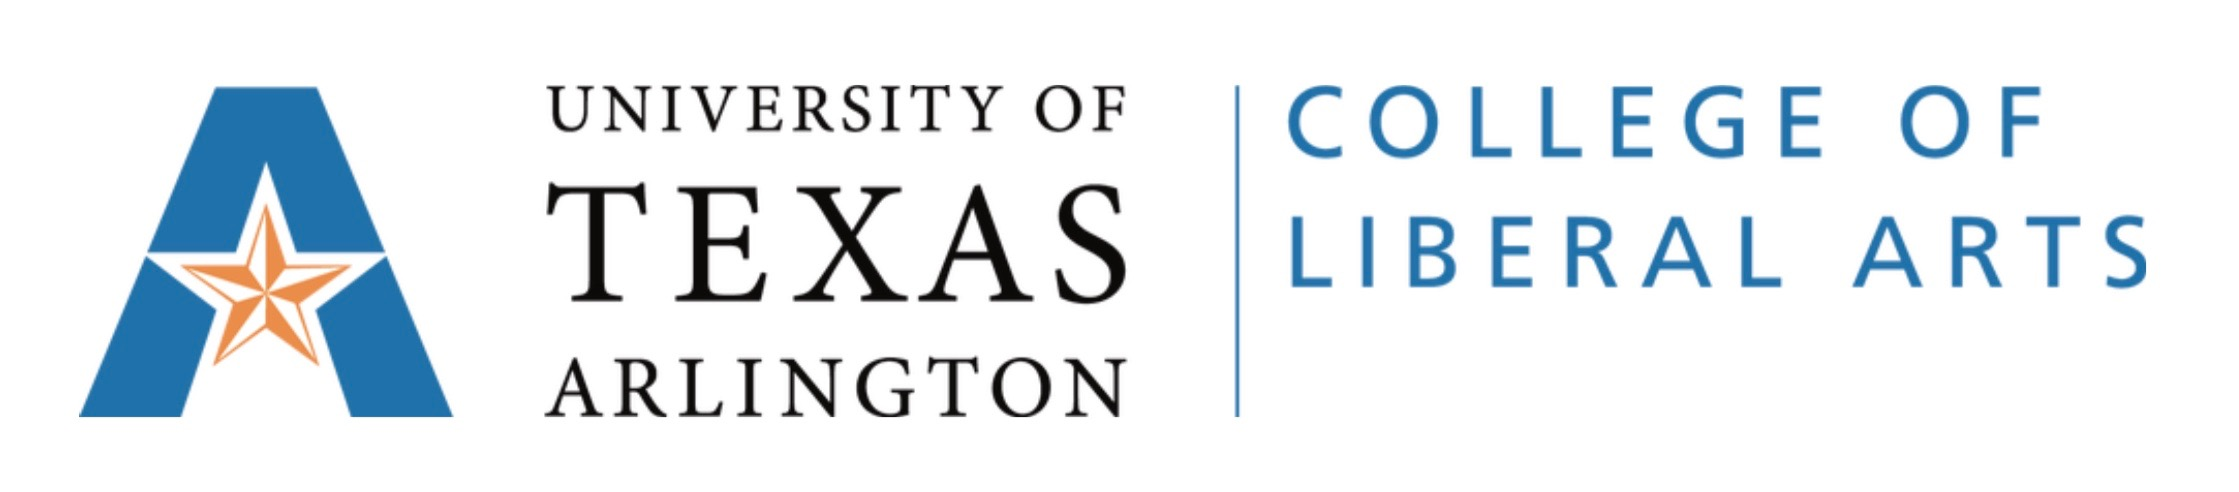 University of Texas, Arlington 2019 Piano and Violins Sale | Rockley